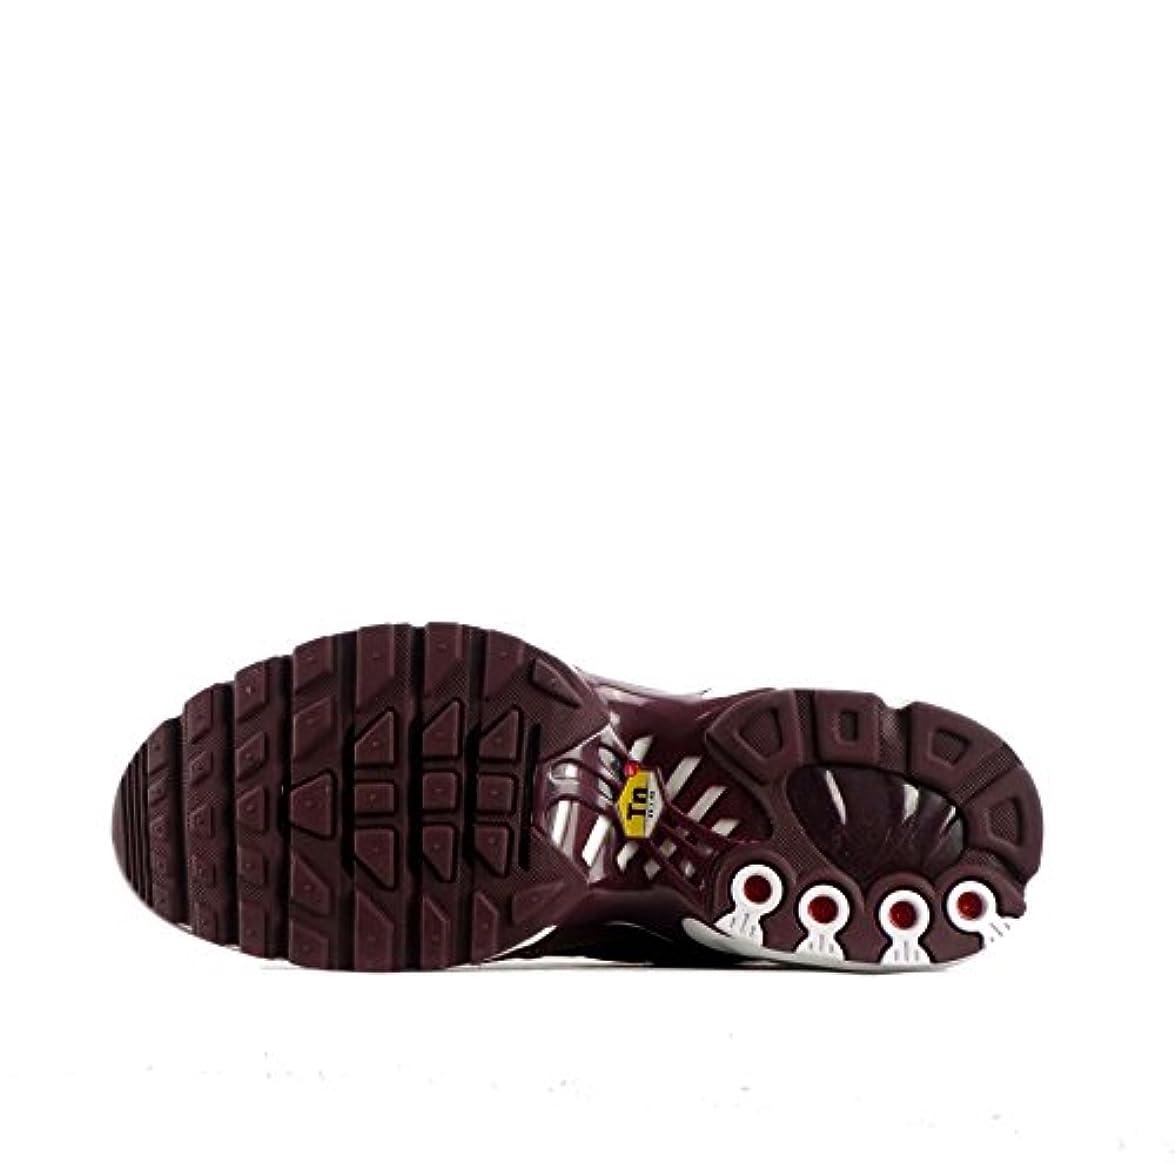 Nike Donna Air Max Plus Se Scarpe Da Ginnastica Corsa 862201 Tennis